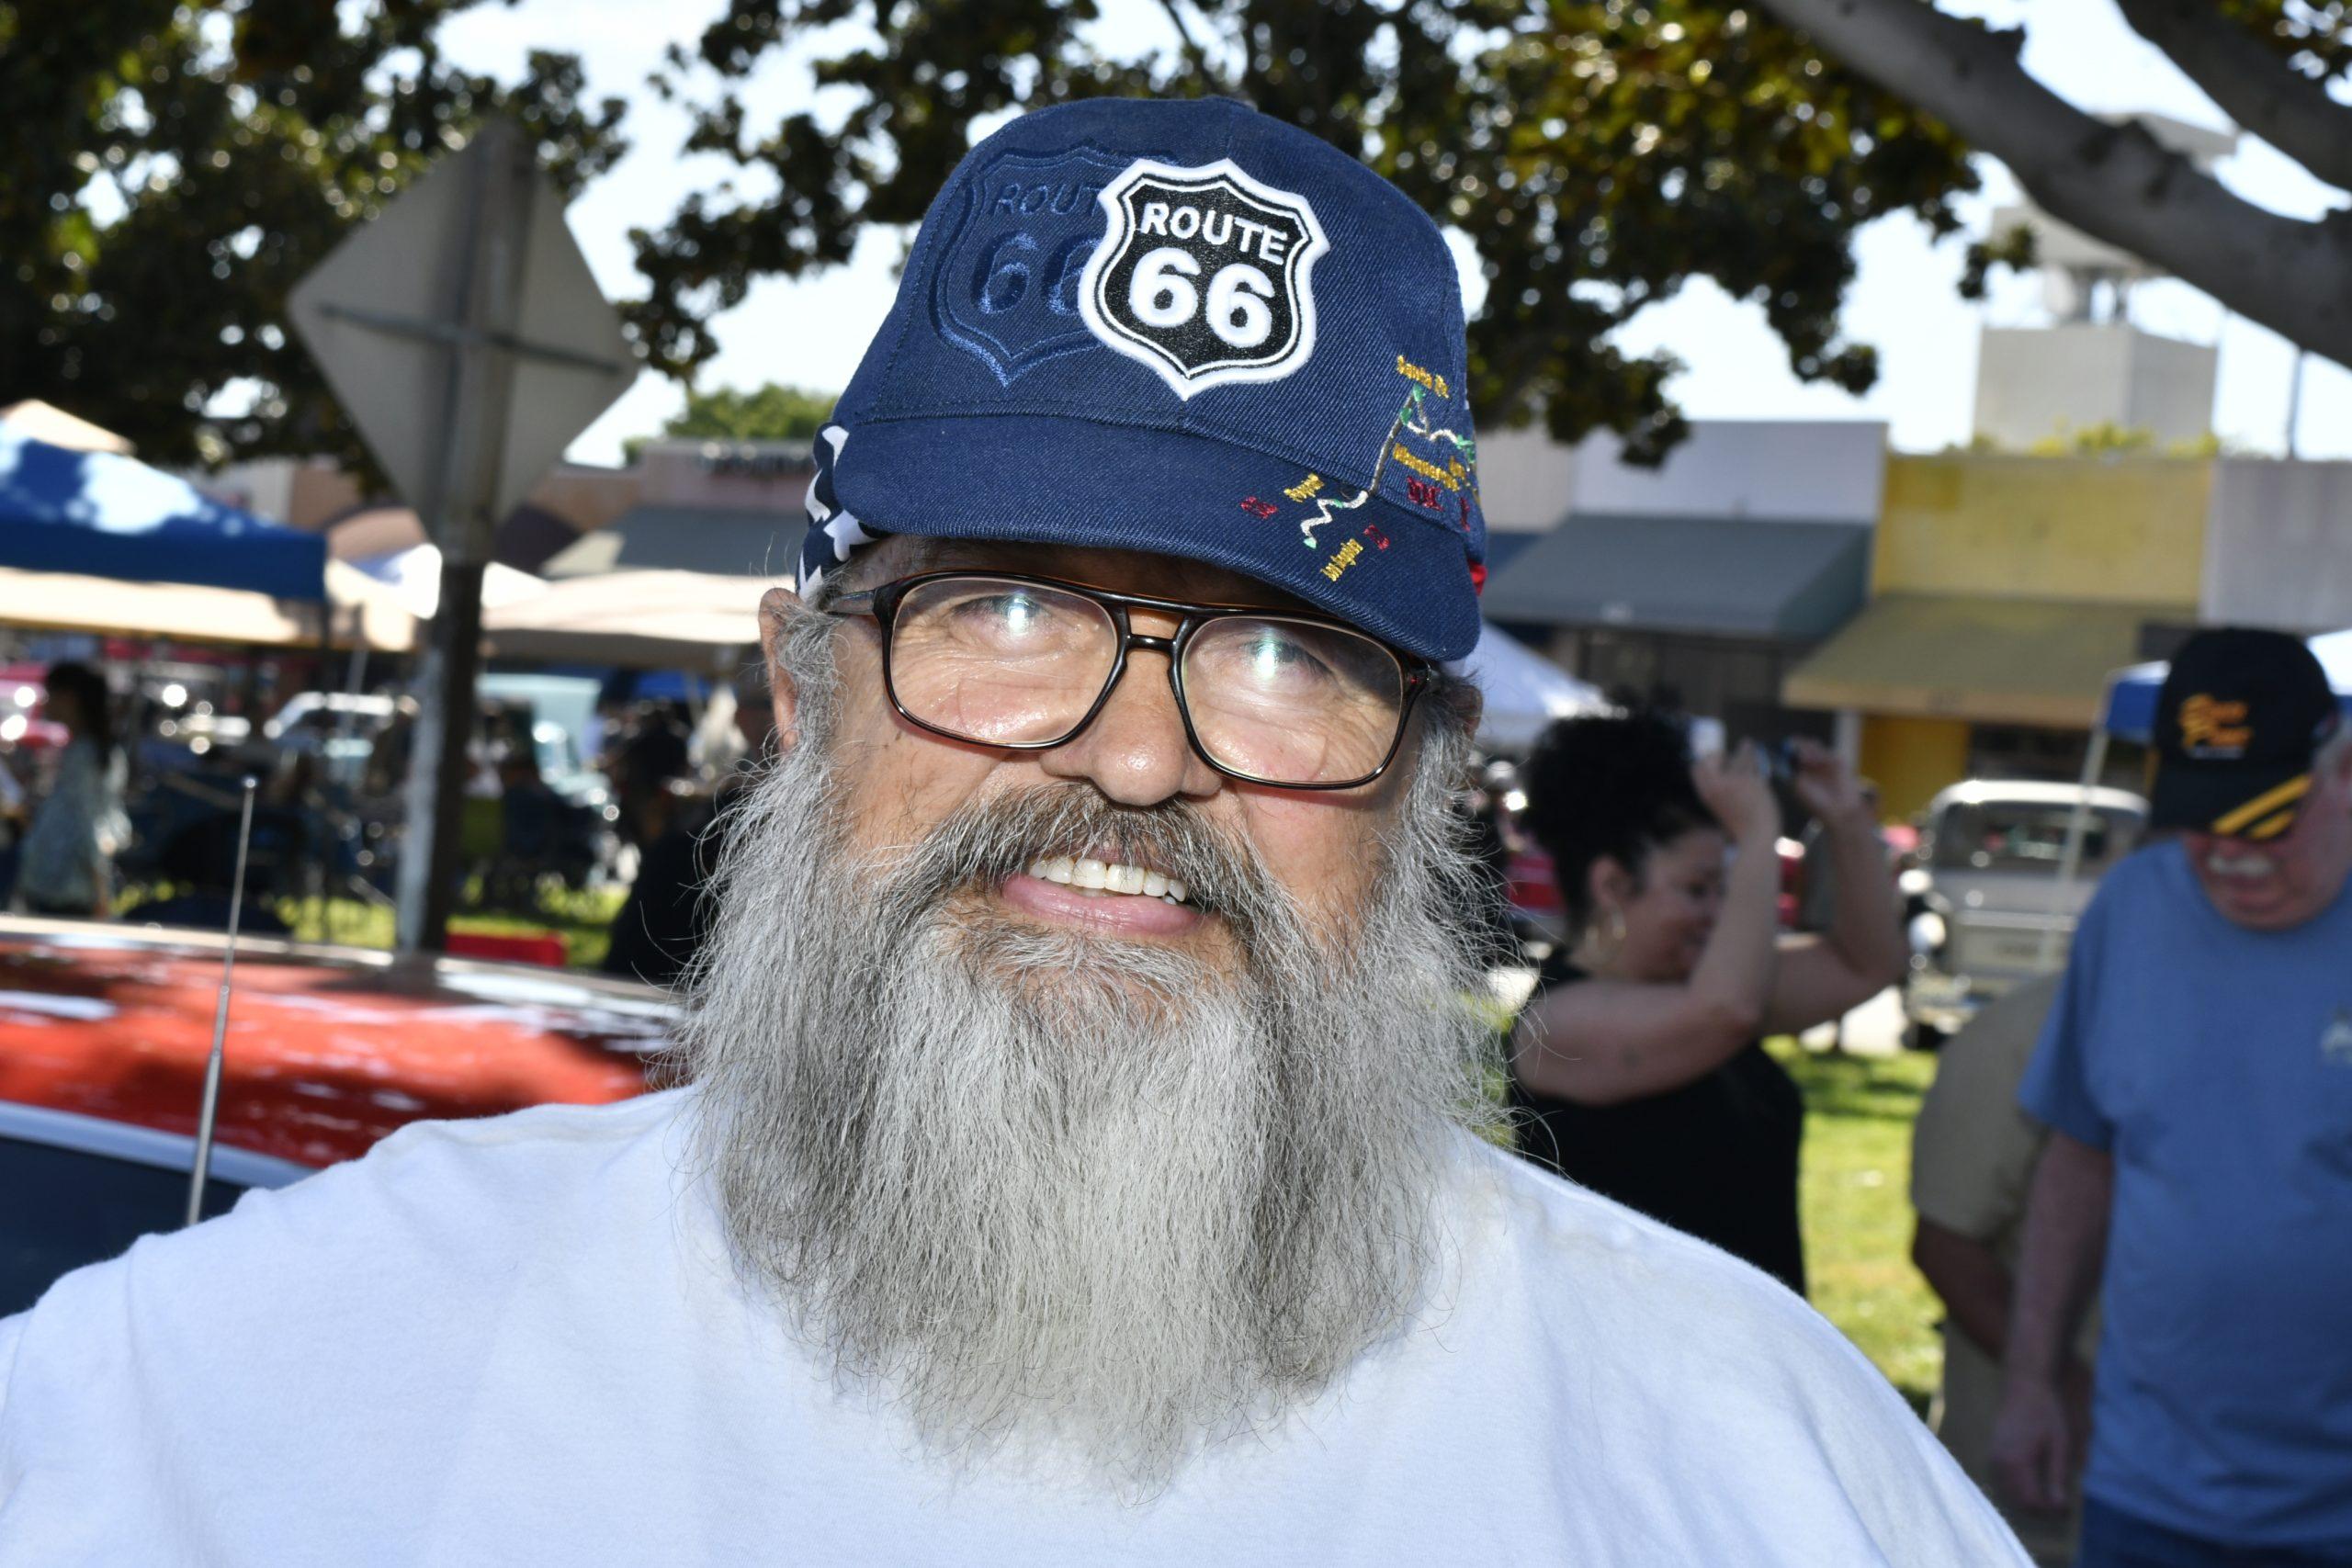 Route 66 Reunion fan hat